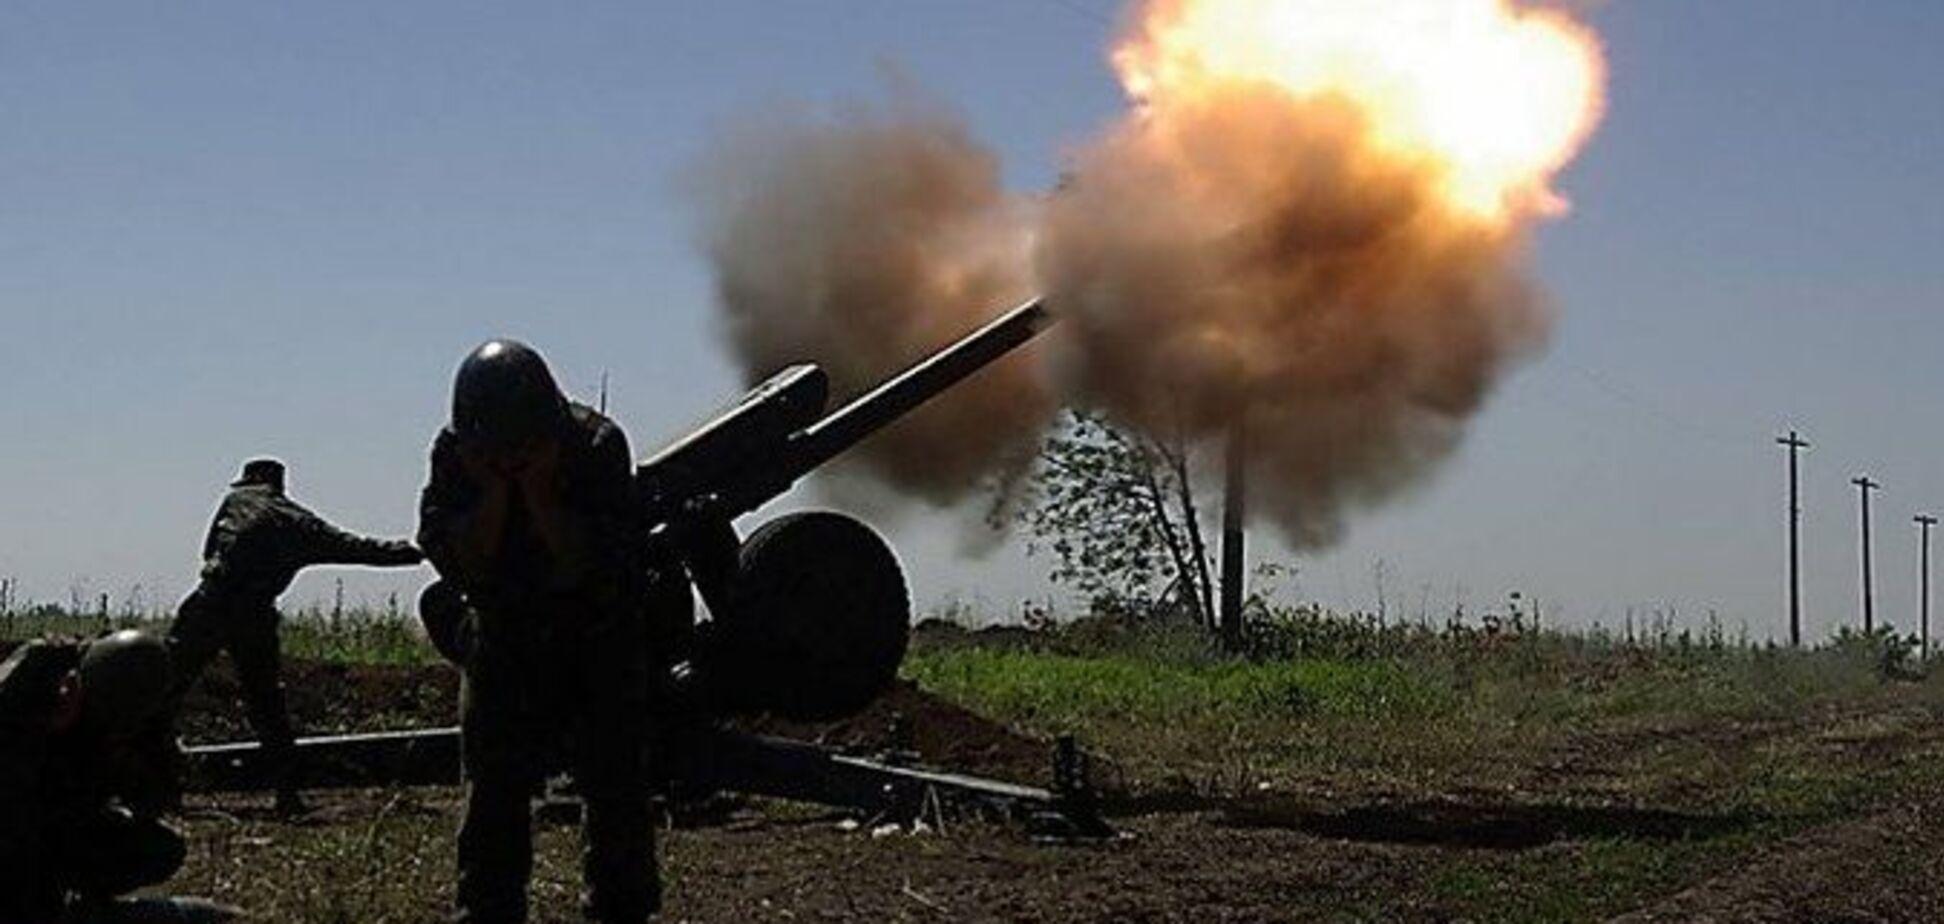 'За одного убивать пять': Украине дали жесткий рецепт мести РФ за Донбасс